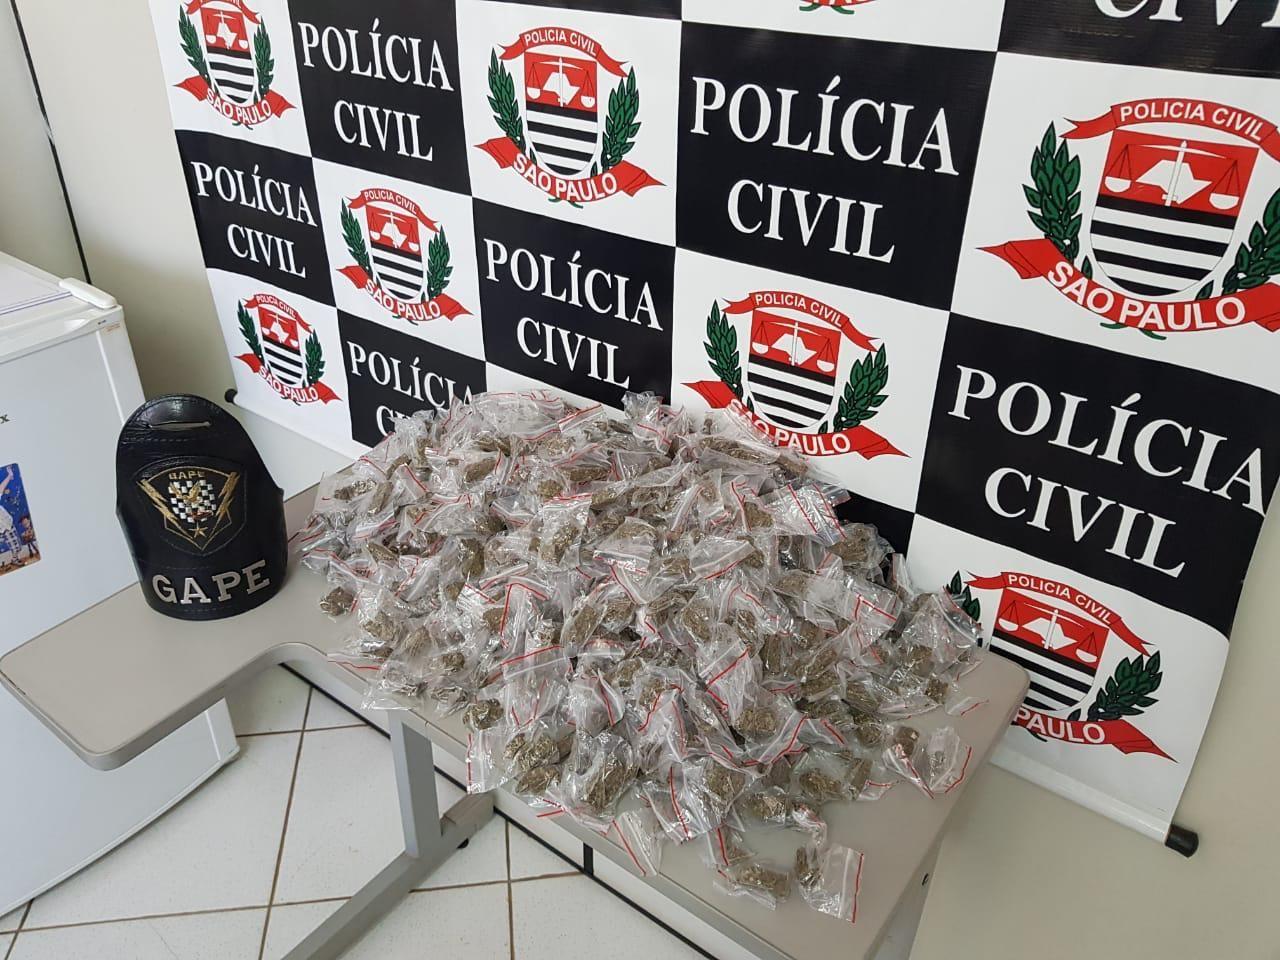 Casais são presos suspeitos de tráfico de drogas em Botucatu - Notícias - Plantão Diário